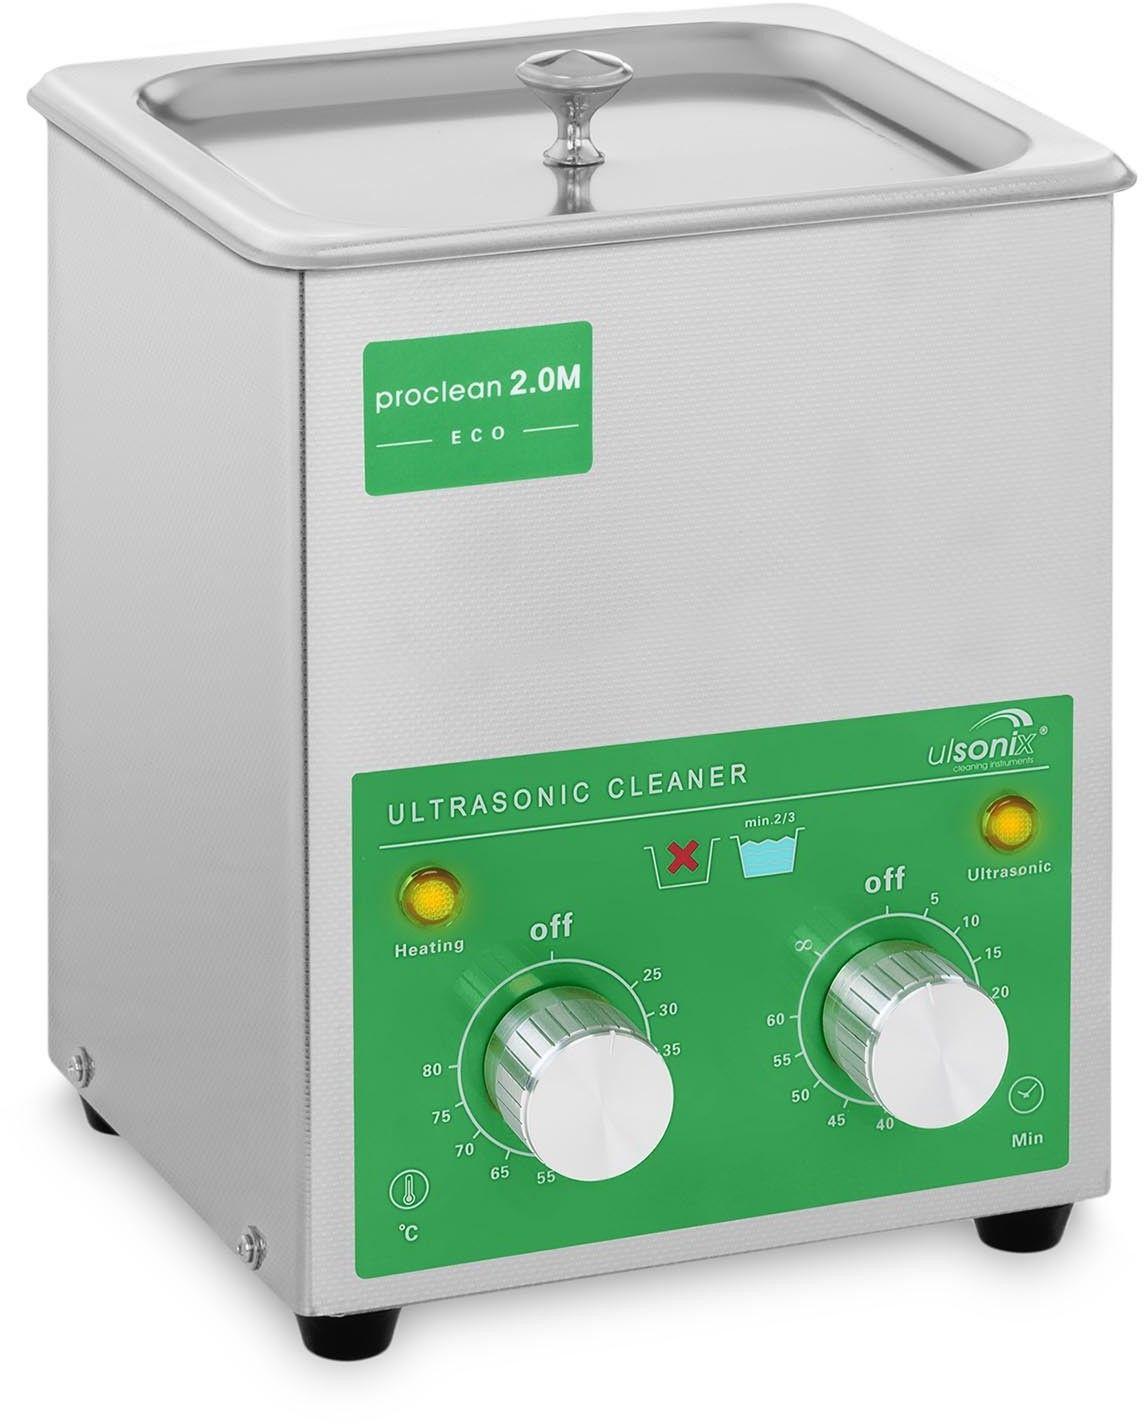 Myjka ultradźwiękowa - 2 litry - 60 W - Basic Eco - ulsonix - PROCLEAN 2.0M ECO - 3 lata gwarancji/wysyłka w 24h